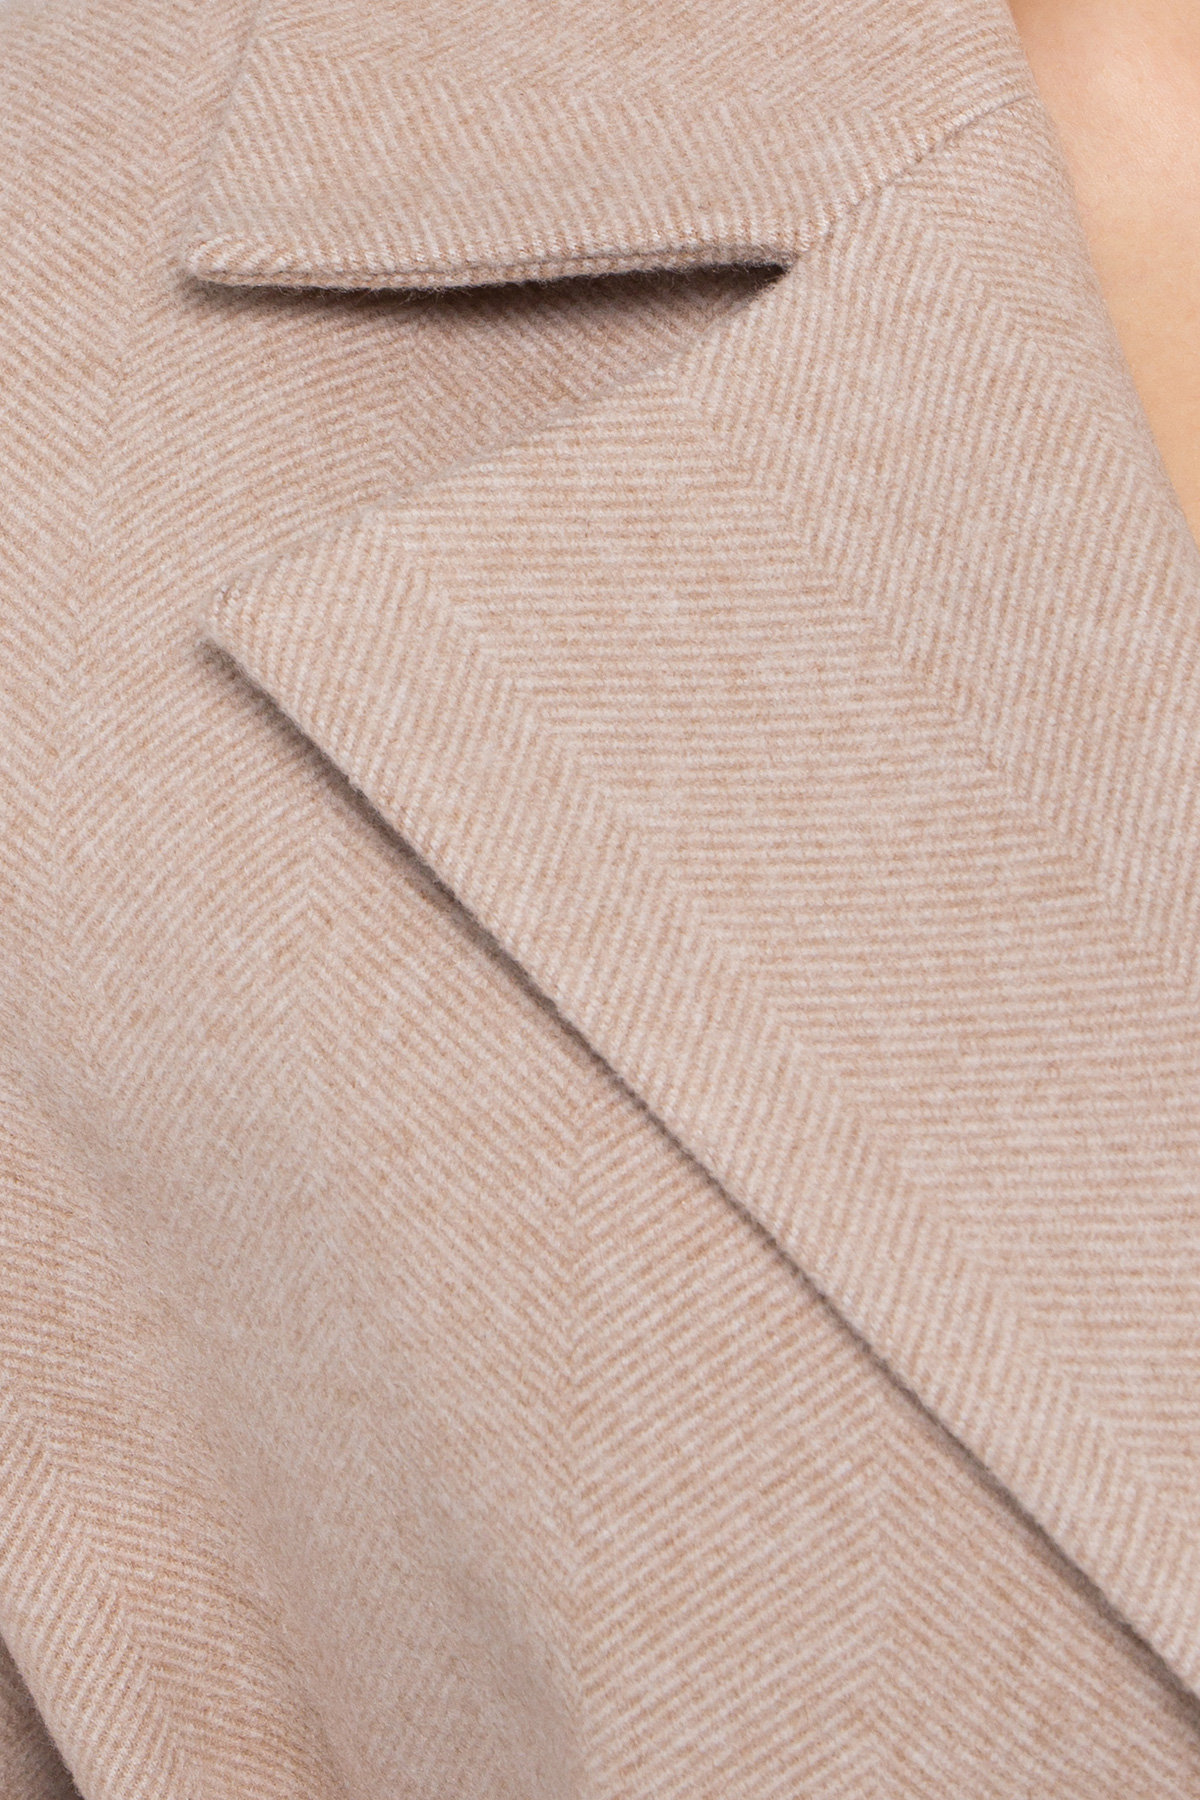 Пальто Сенсей 8905 АРТ. 45219 Цвет: Бежевый - фото 6, интернет магазин tm-modus.ru